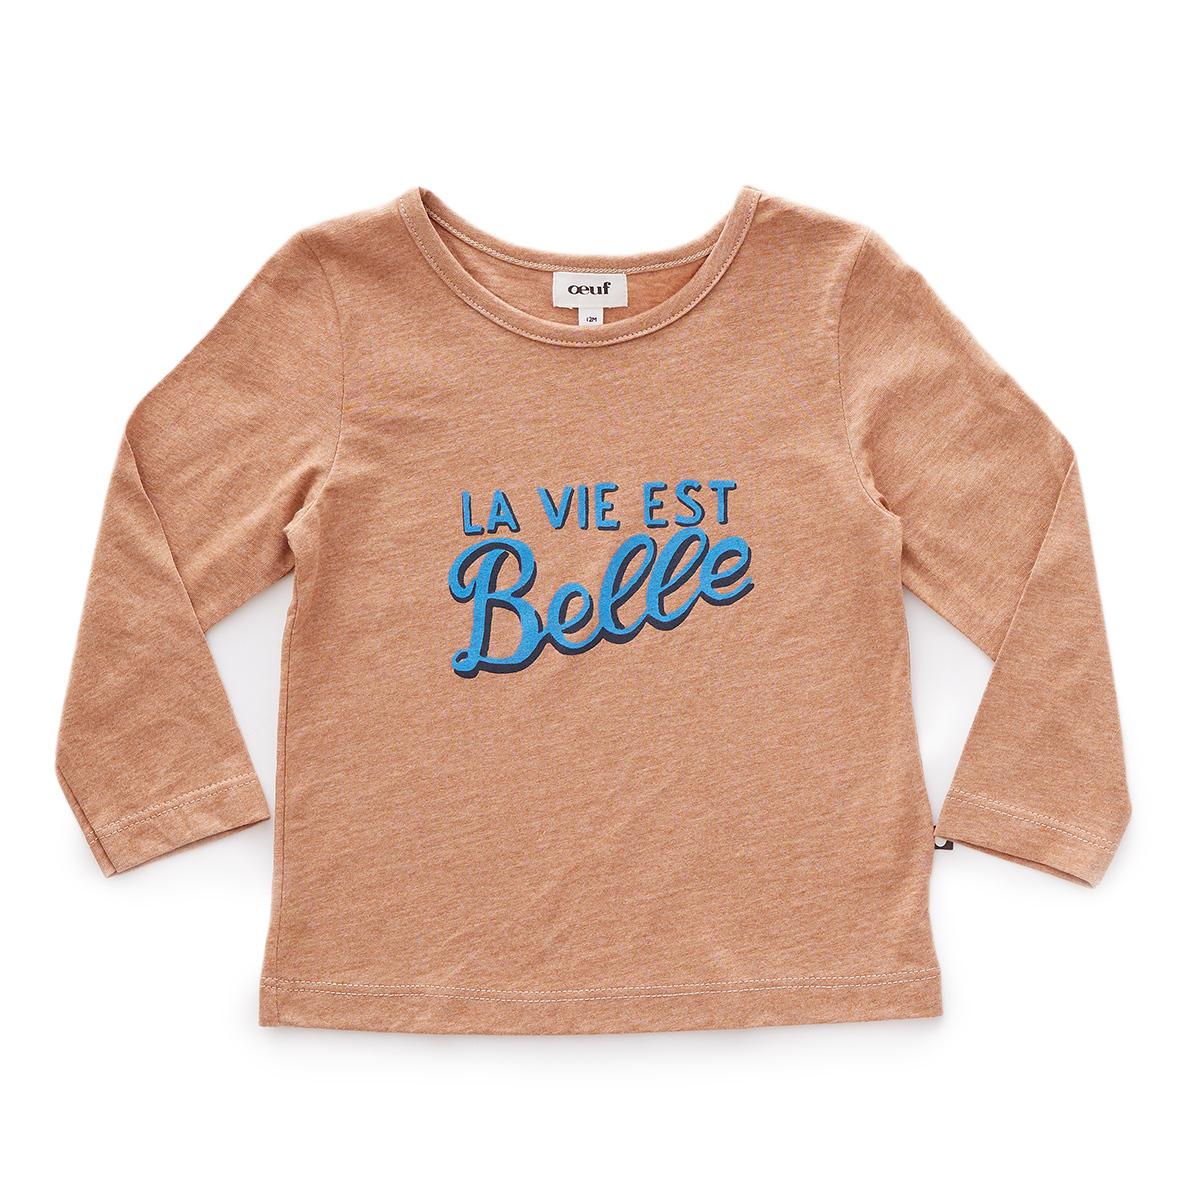 Hauts bébé Tee-shirt La Vie Est Belle Marron - 12 Mois